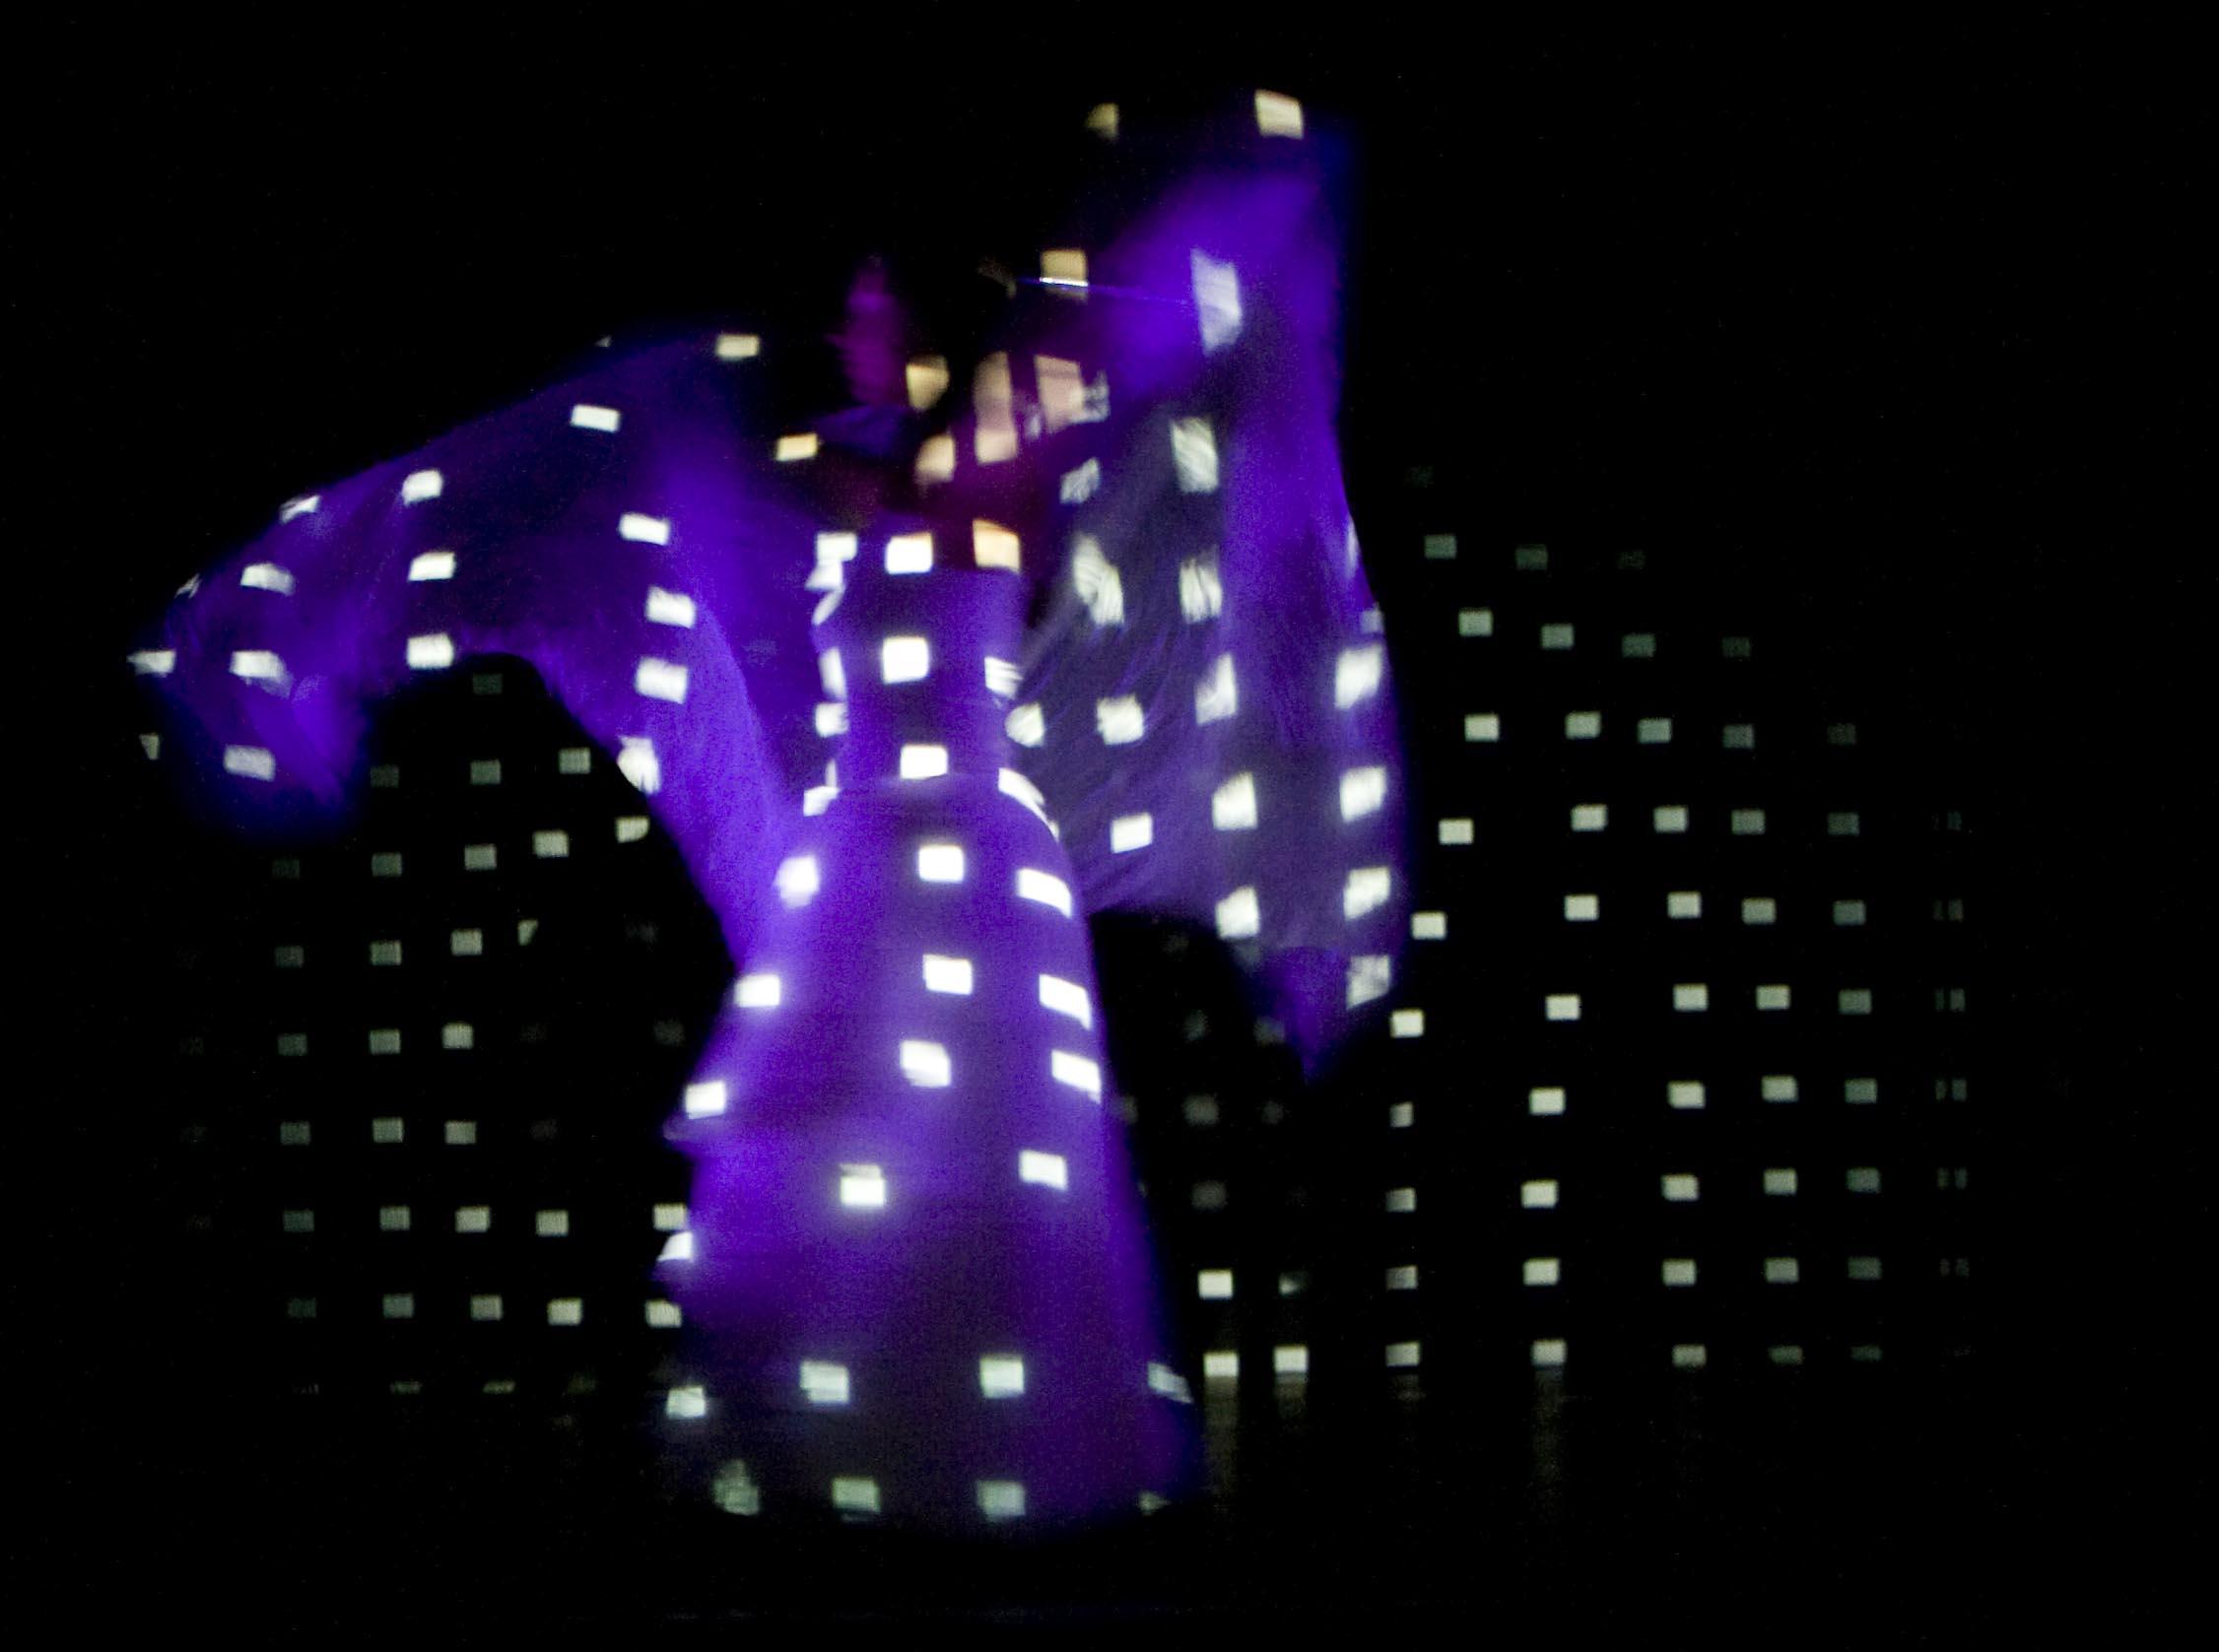 http://www.tobyk.com.au/FeedbackImages/FeedbackBG210_JM-1.jpg